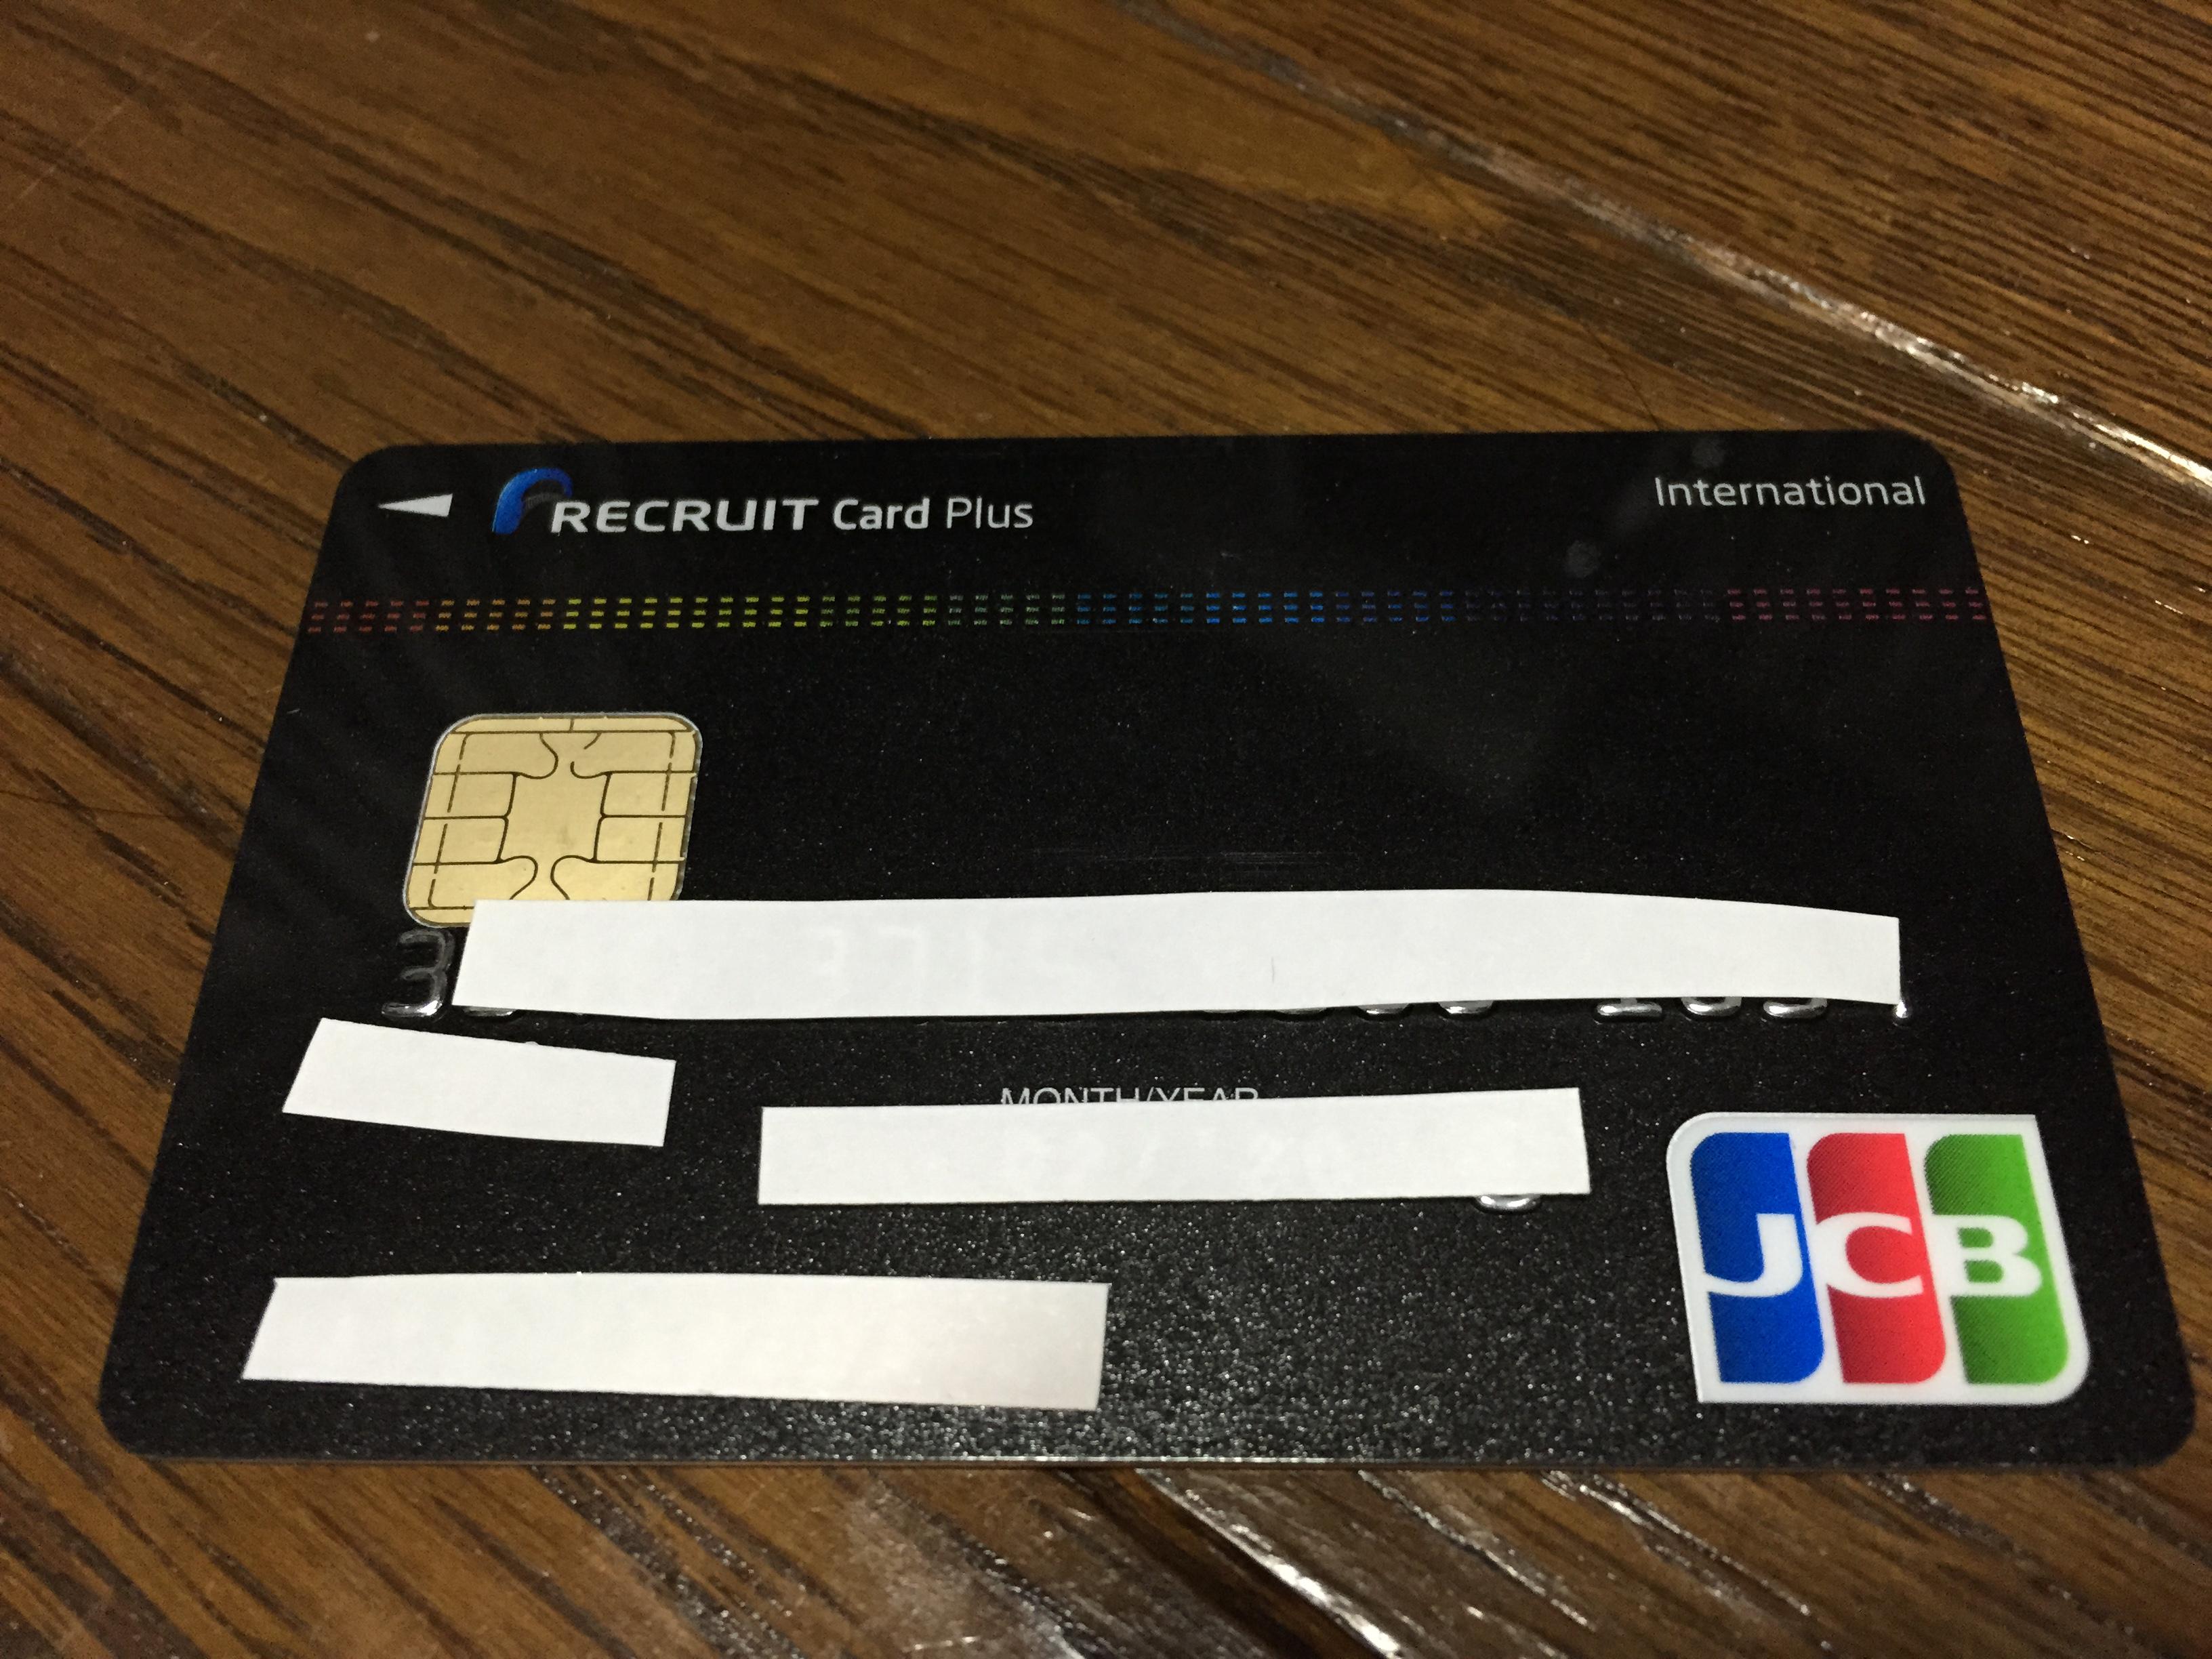 ゲオの株主はリクルートカードプラスをメインカードにすればお金を払わずにレンタルできちゃいますよ